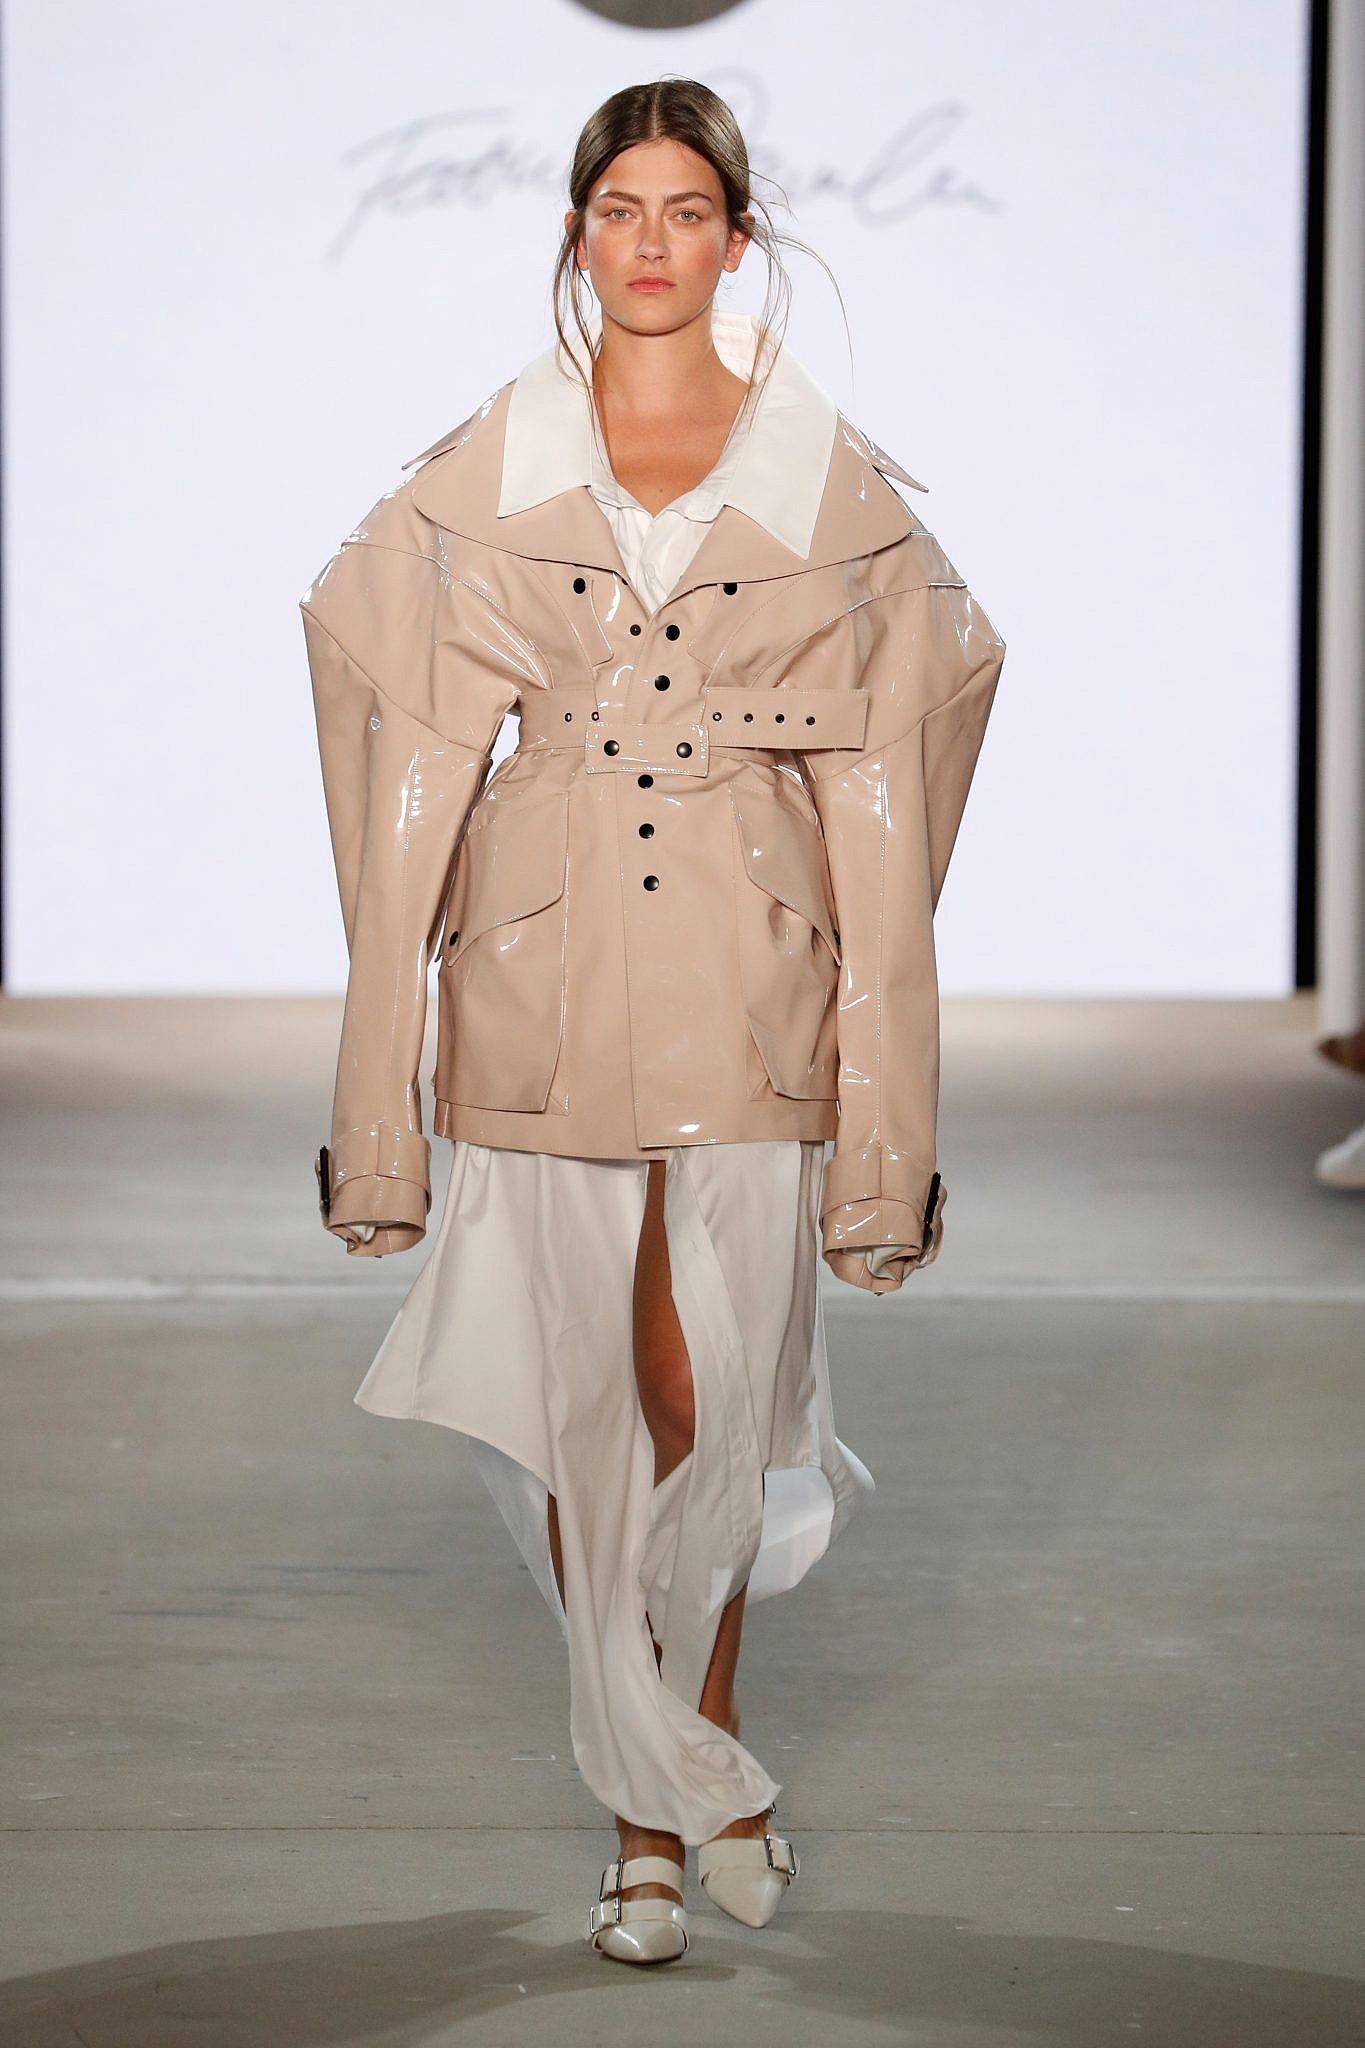 זה לא באמת עור, זה טבעוני: תצוגתאופנה של המעצבת פטימה דניאלסון, מתוך האירוע Designer For Tommorow בתמיכתה של המעצבת הטבעונית סטלה מקרטני | צילום: Getty Images for P&C and Fashion ID